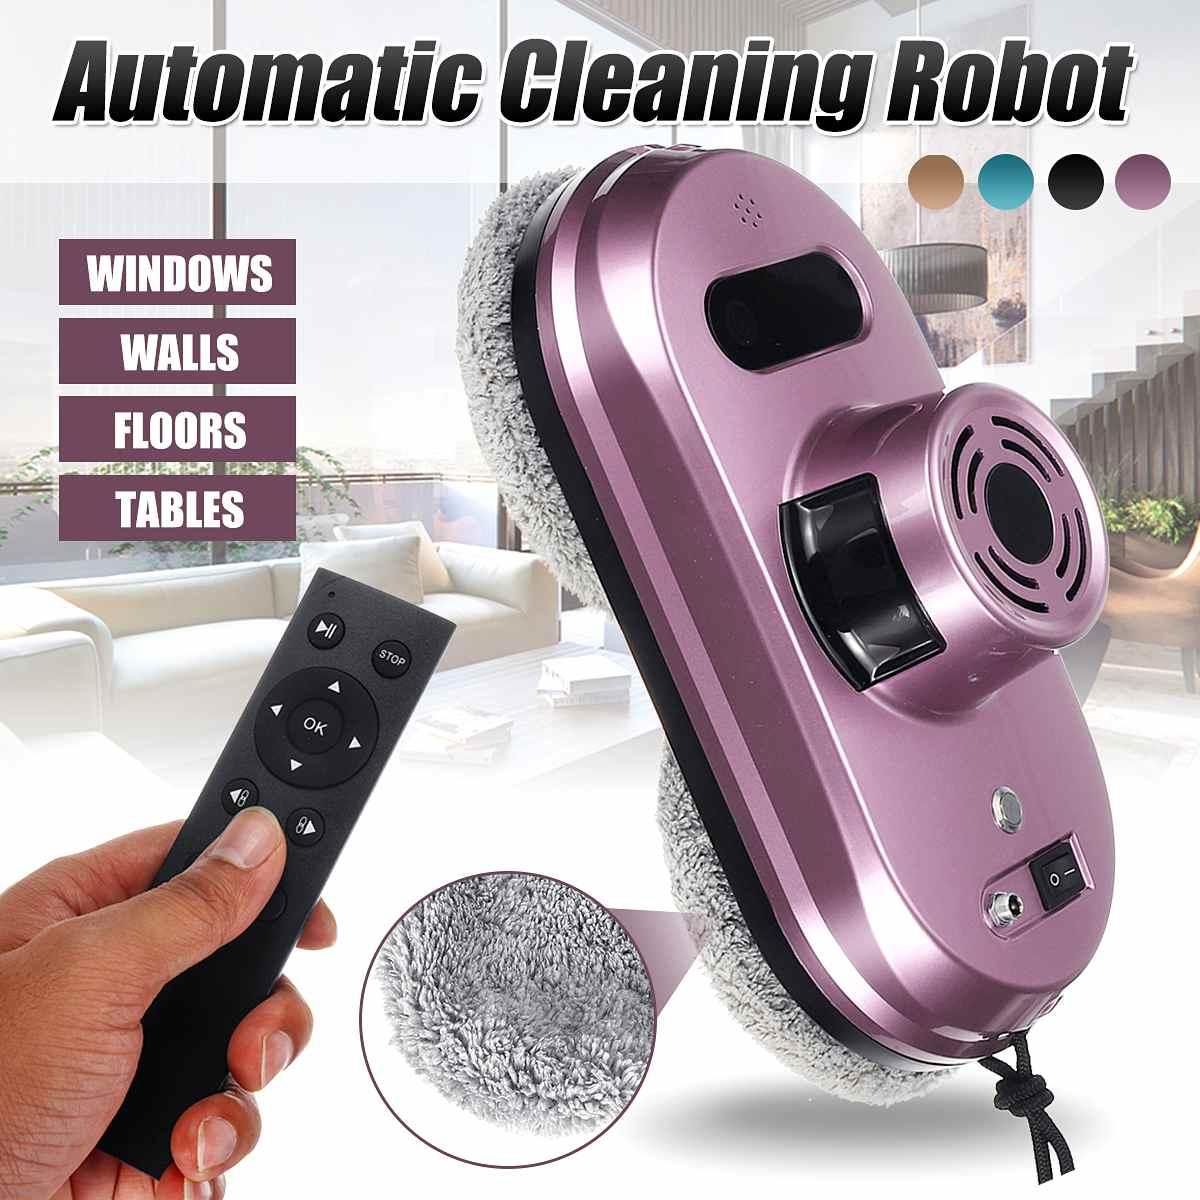 Liectroux X6 автоматической очистки окон робот, Стекло робот пылесос Инструмент, интеллектуальная шайба,Дистанционное управление, анти падения, ... - 2